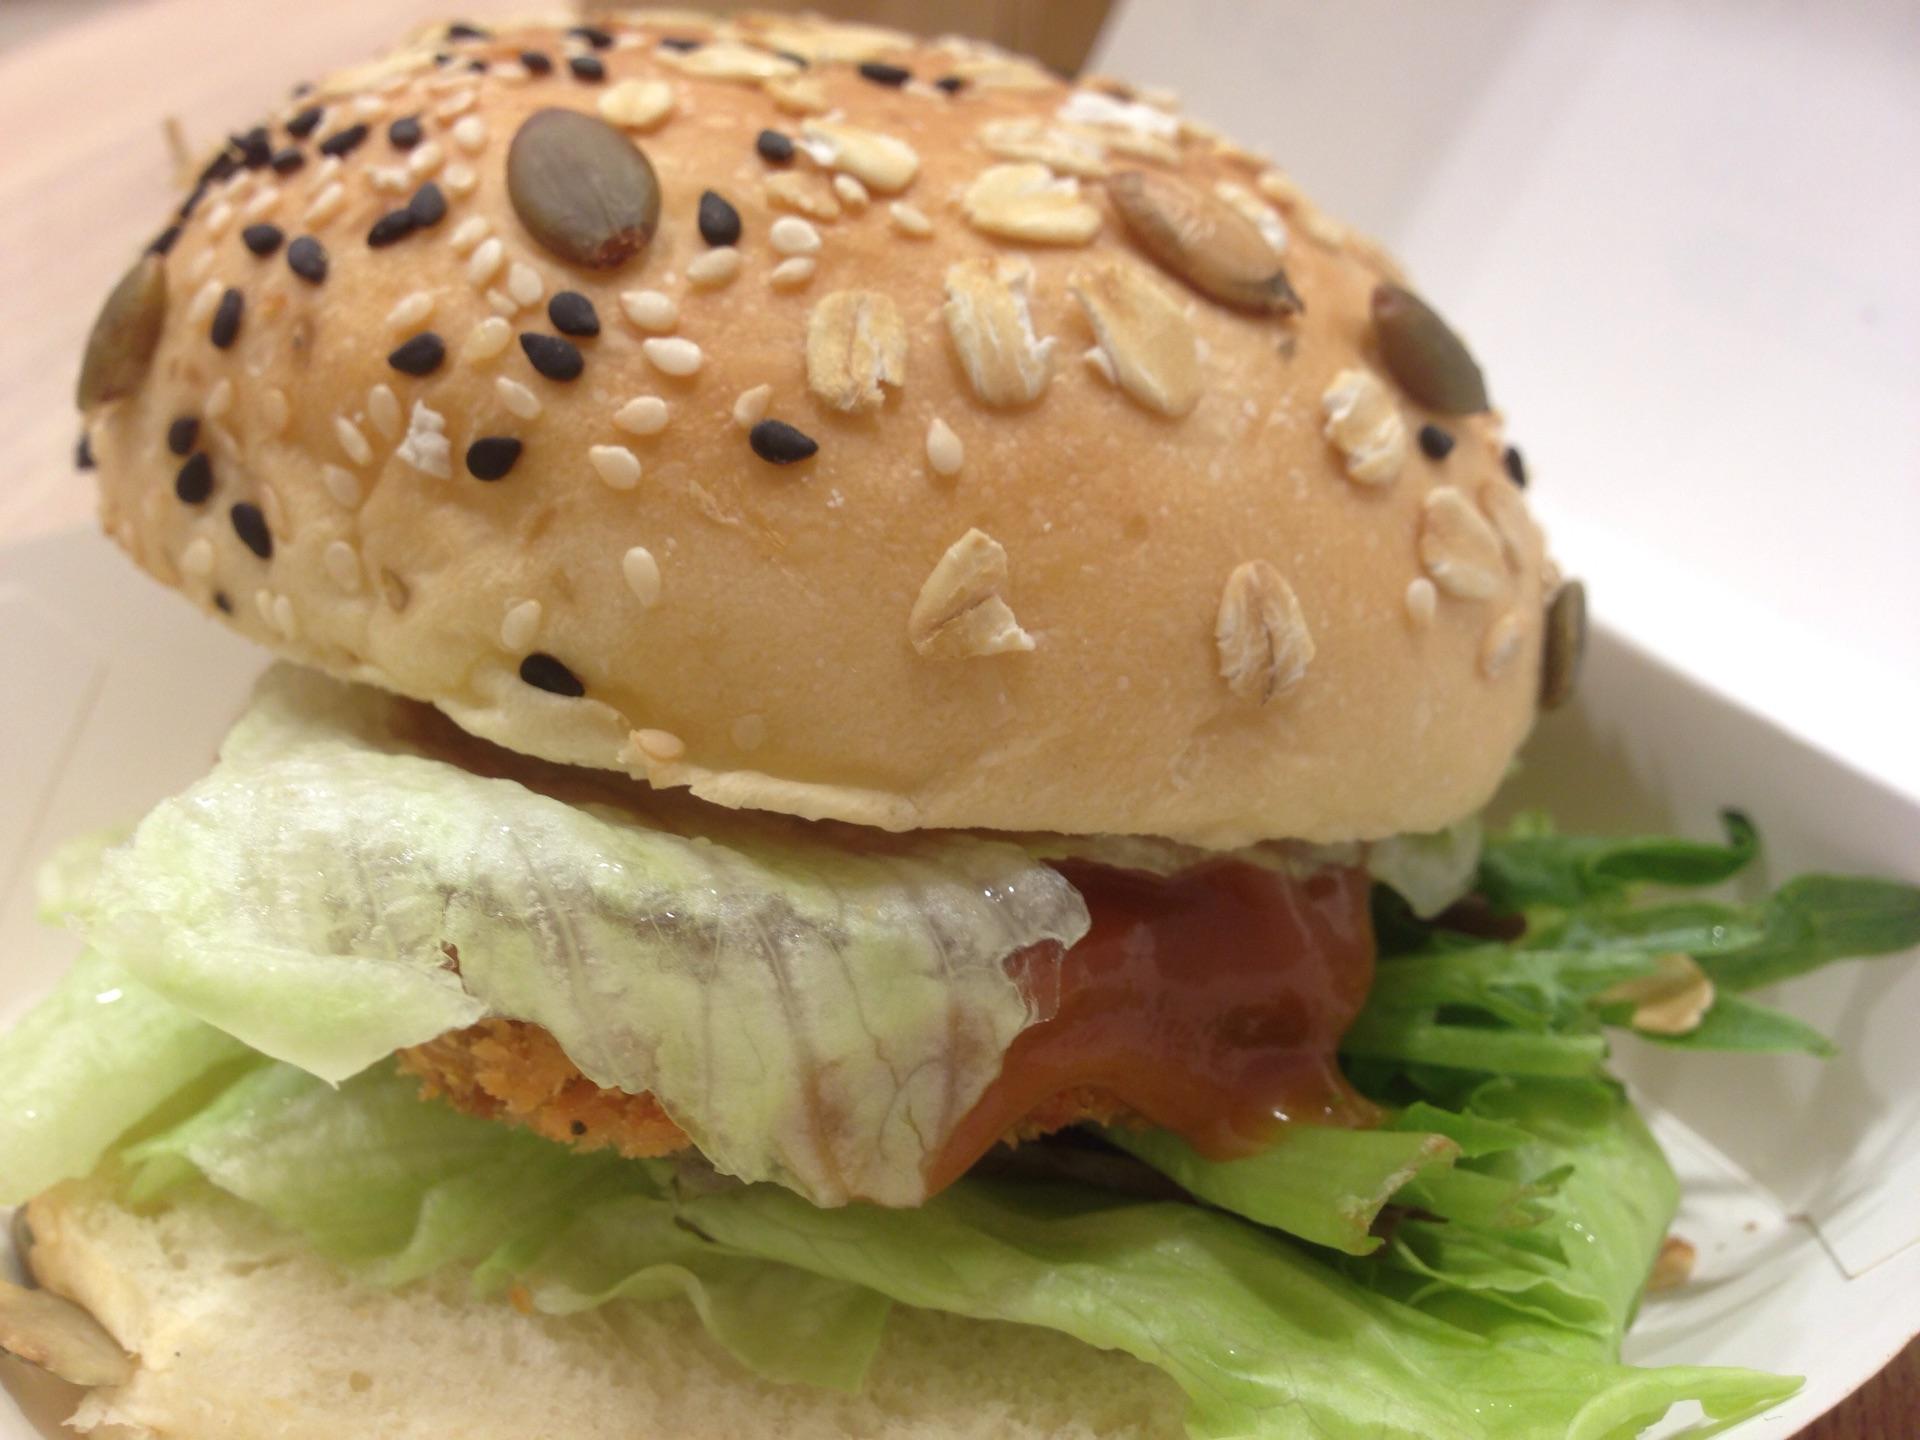 Signature Smoky Burger